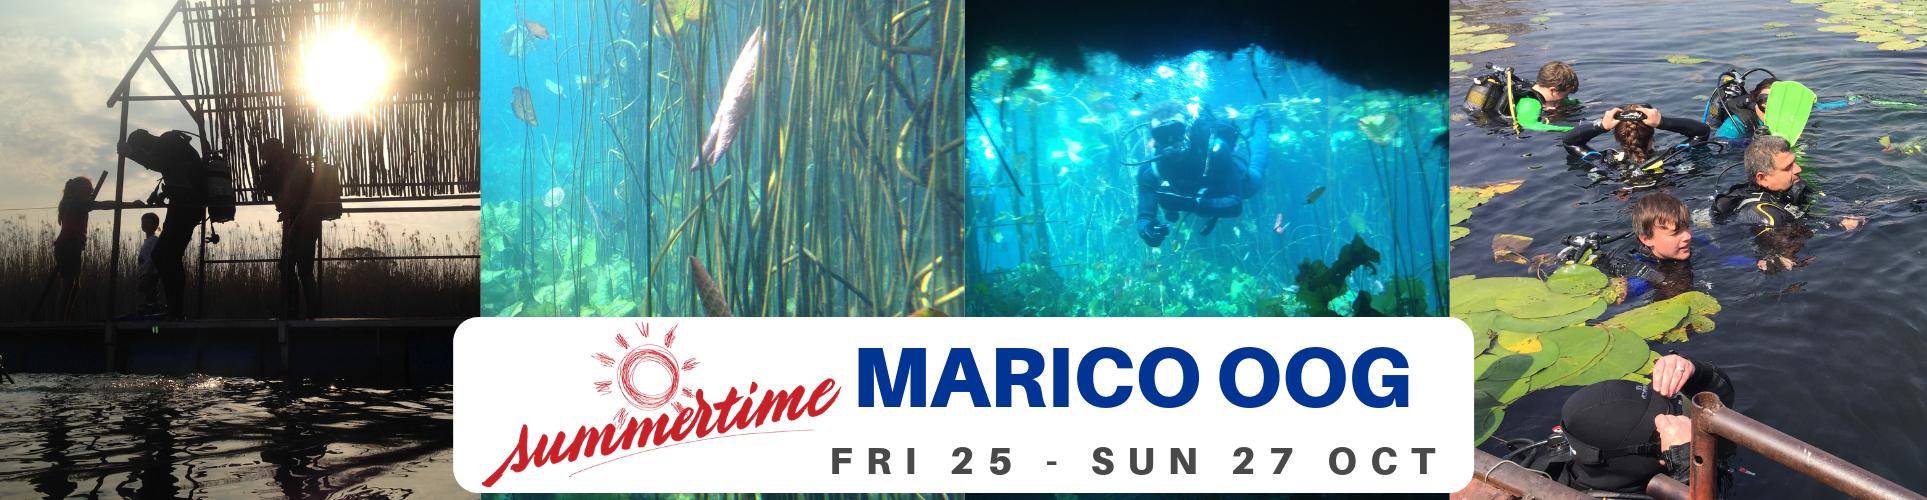 Marico oog OCT 2019